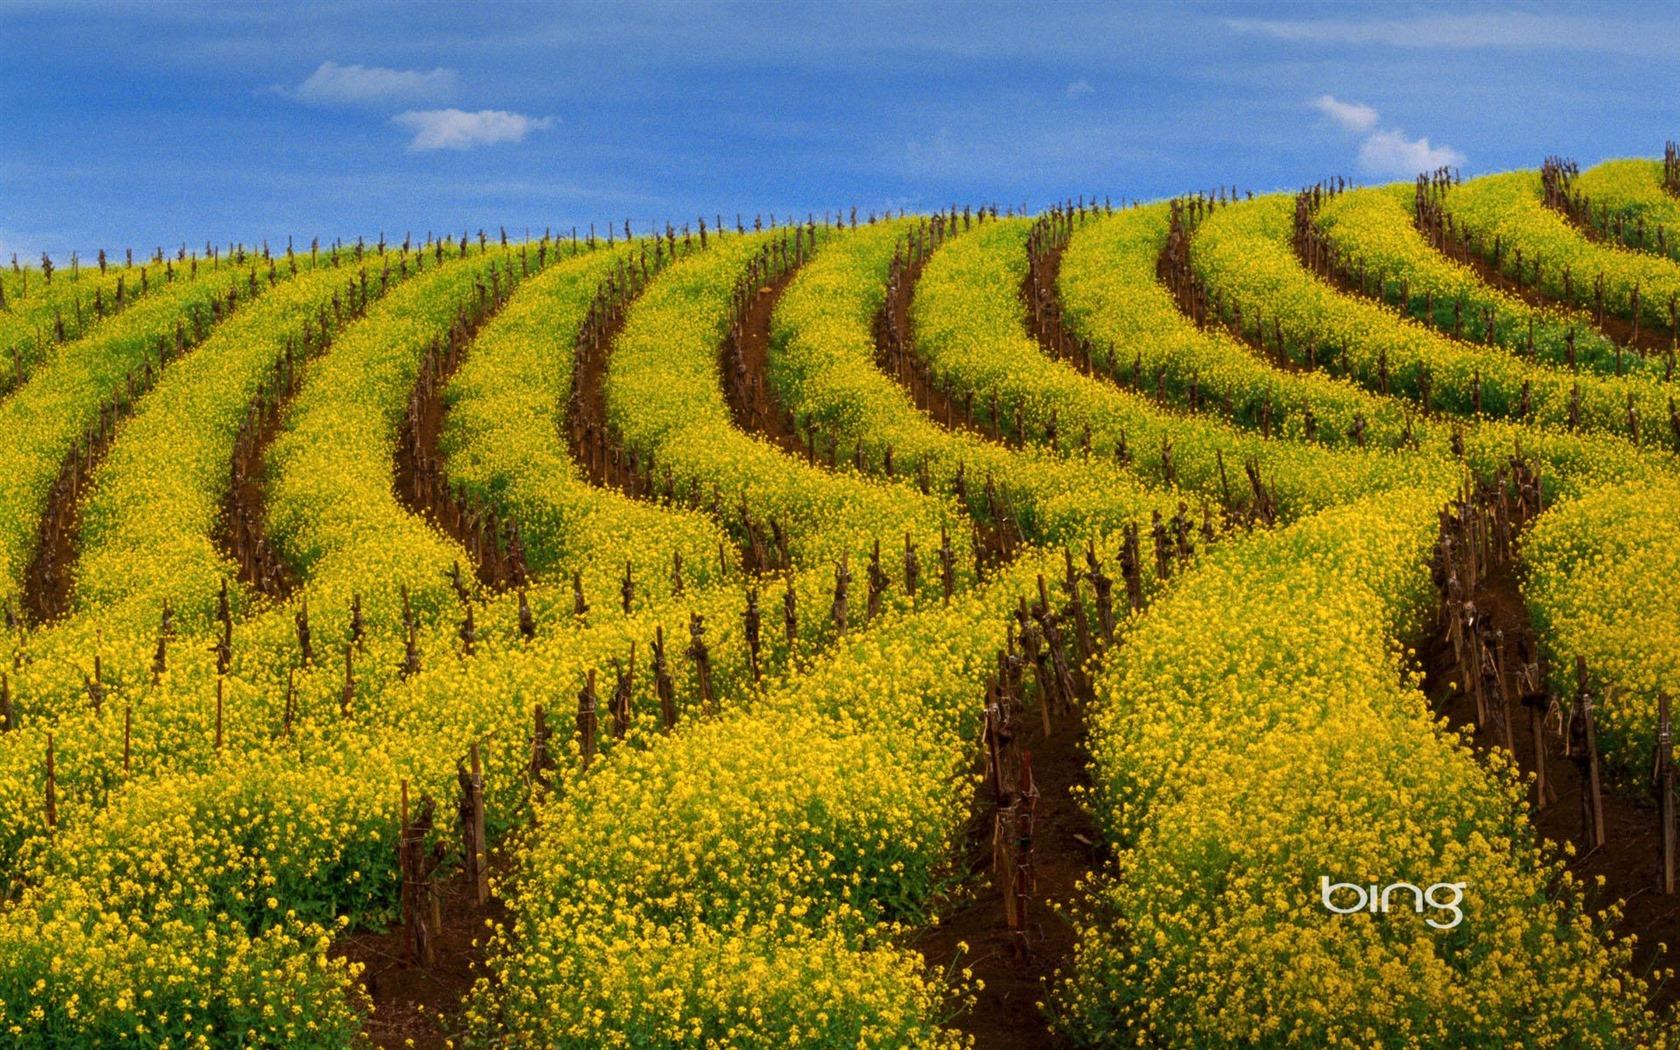 Bing Thmes terrain de viol Widescreen Wallpaper HD   1680x1050 1680x1050